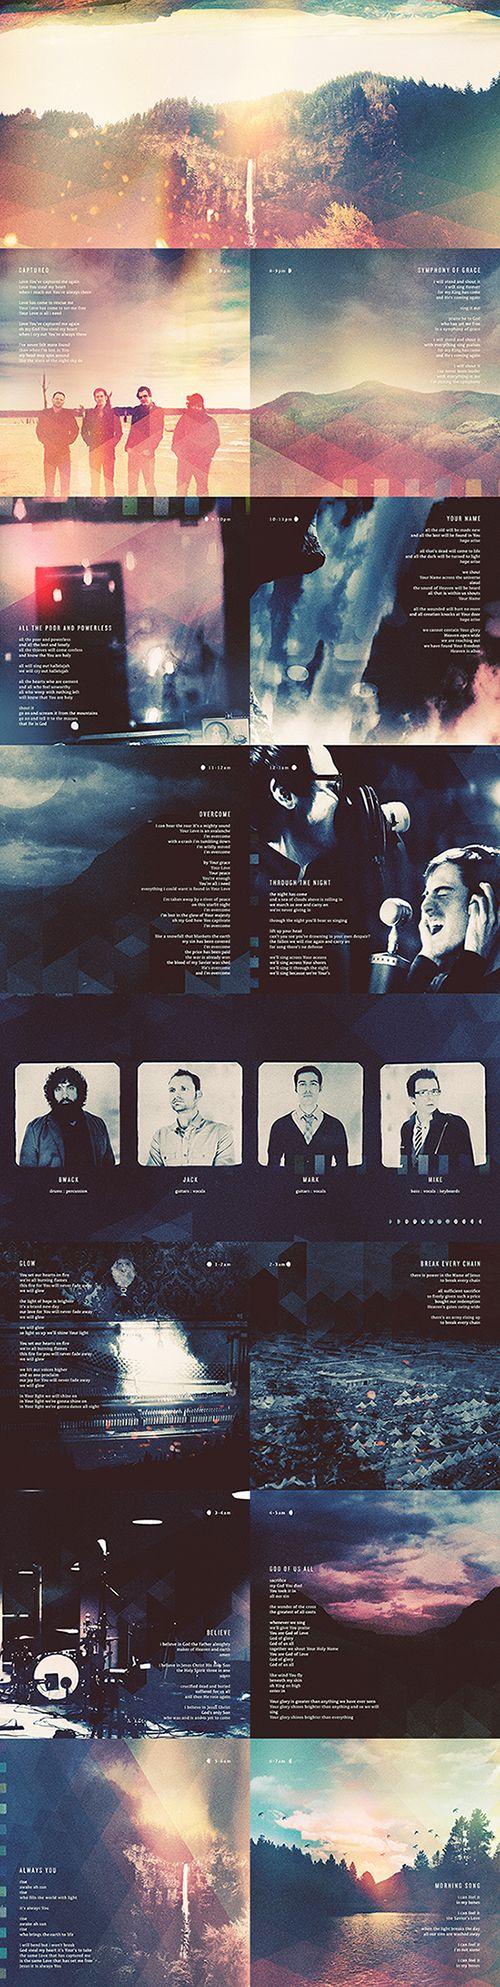 Tda_booklet_layout